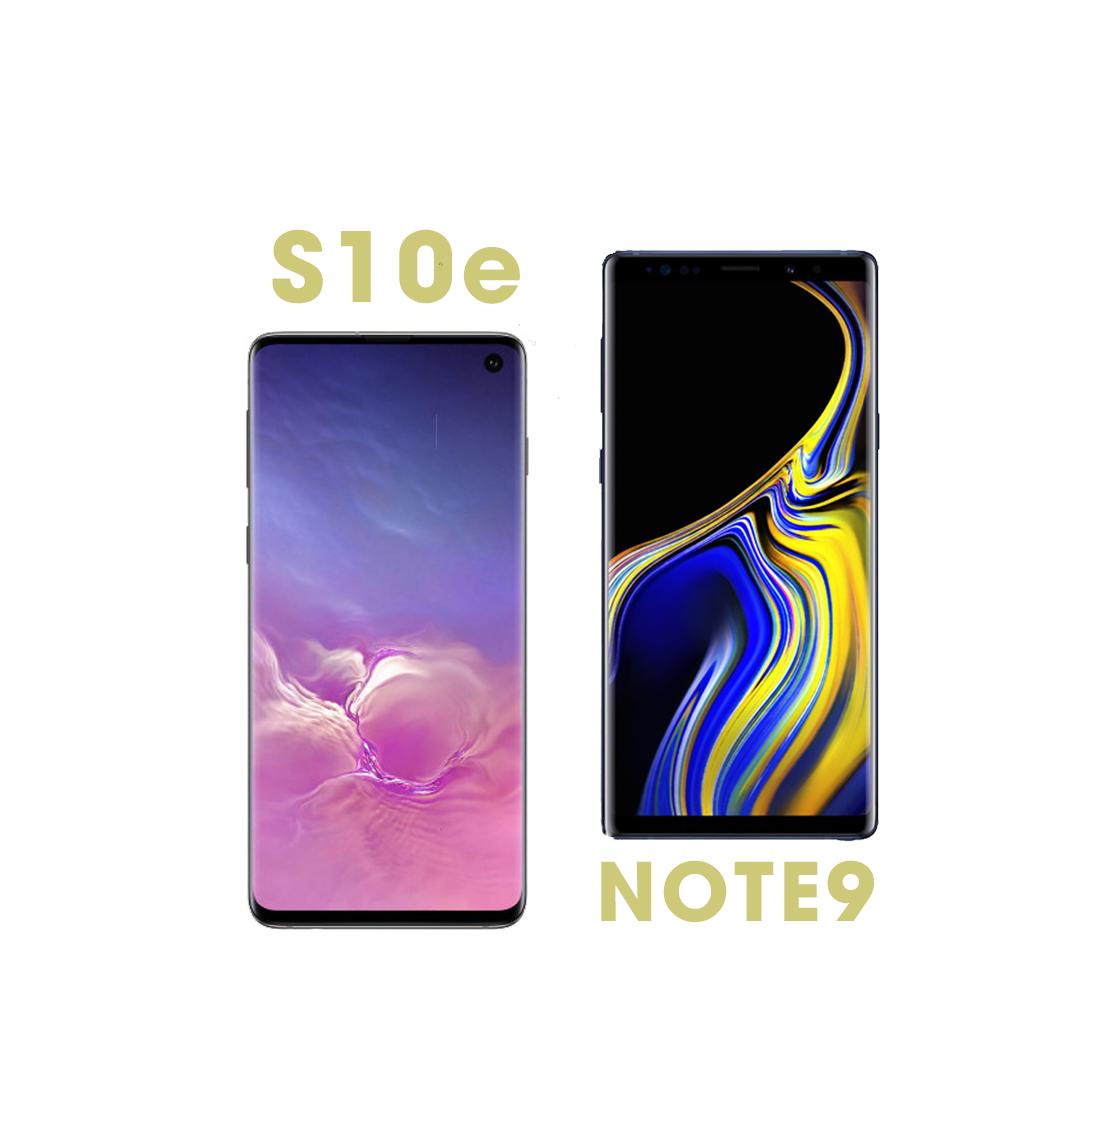 Galaxy S10e và Galaxy Note 9: Hai siêu phẩm cùng tầm giá